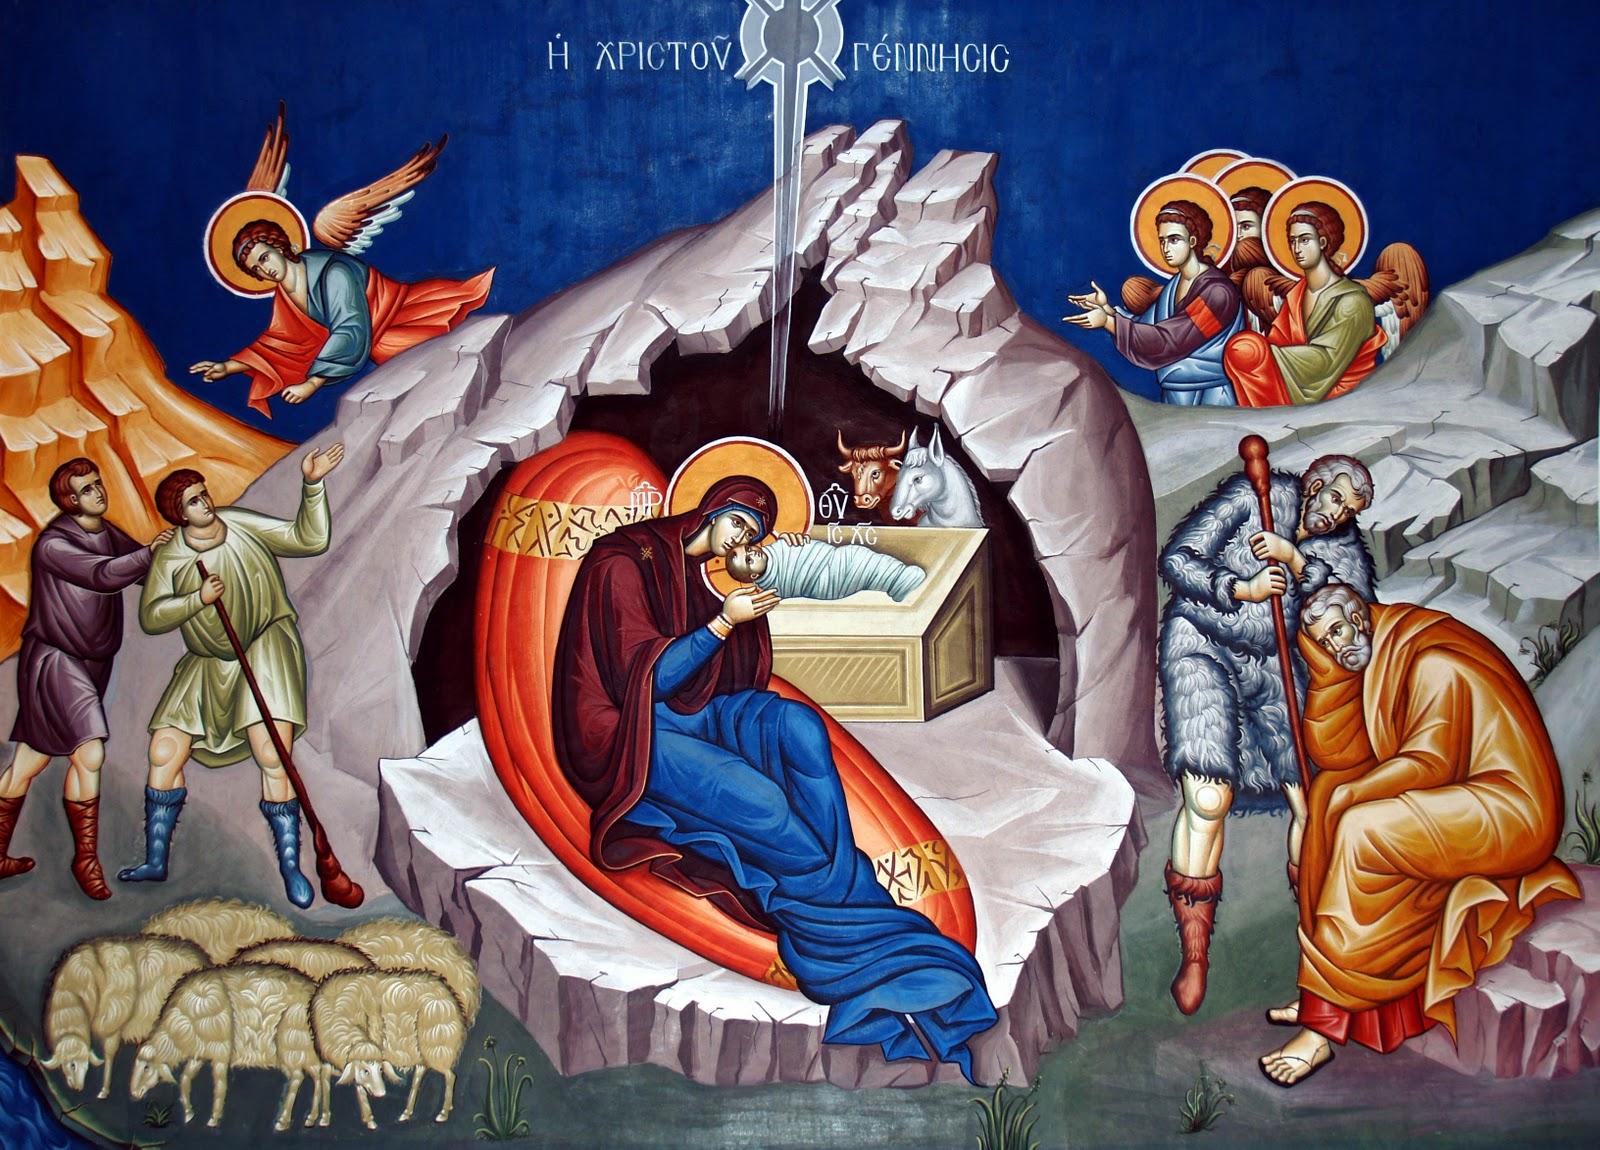 Η Γέννηση του Σωτήρα Χριστού | Dogma